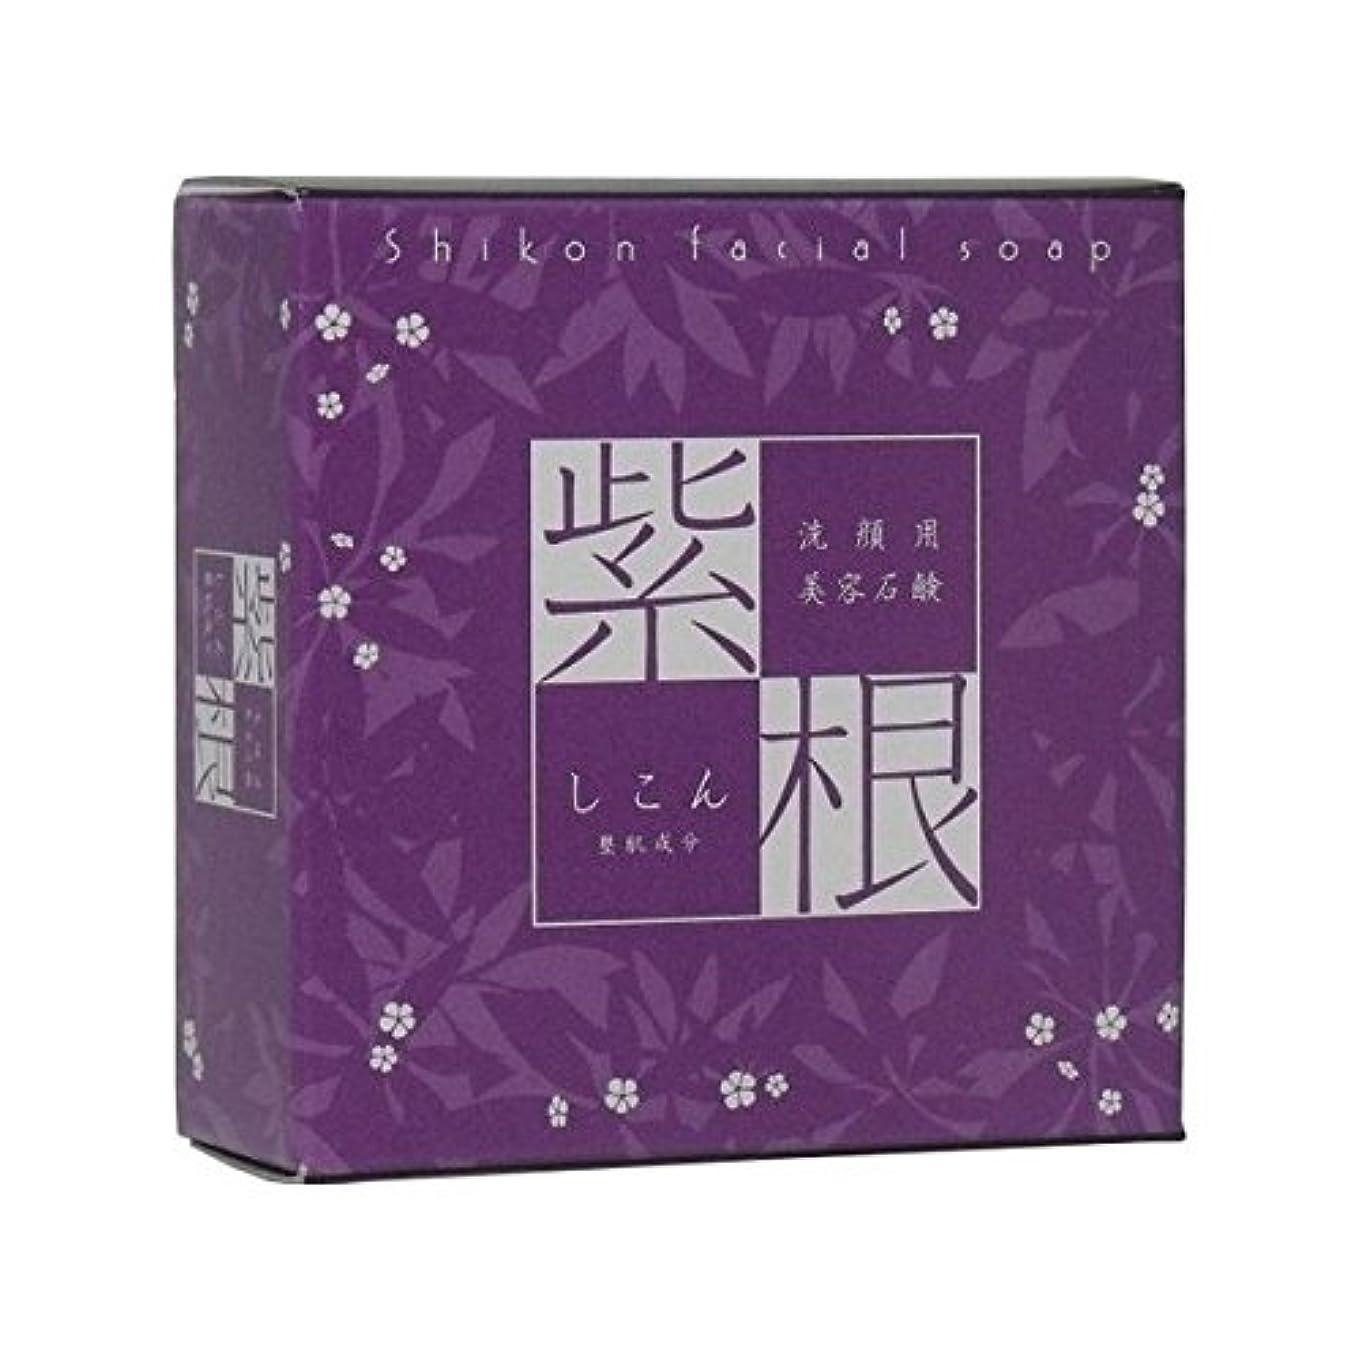 わずかにハシー摂動紫根石鹸110g(オリジナル泡立てネット付き)3個セット【魔女たちの22時で話題!】